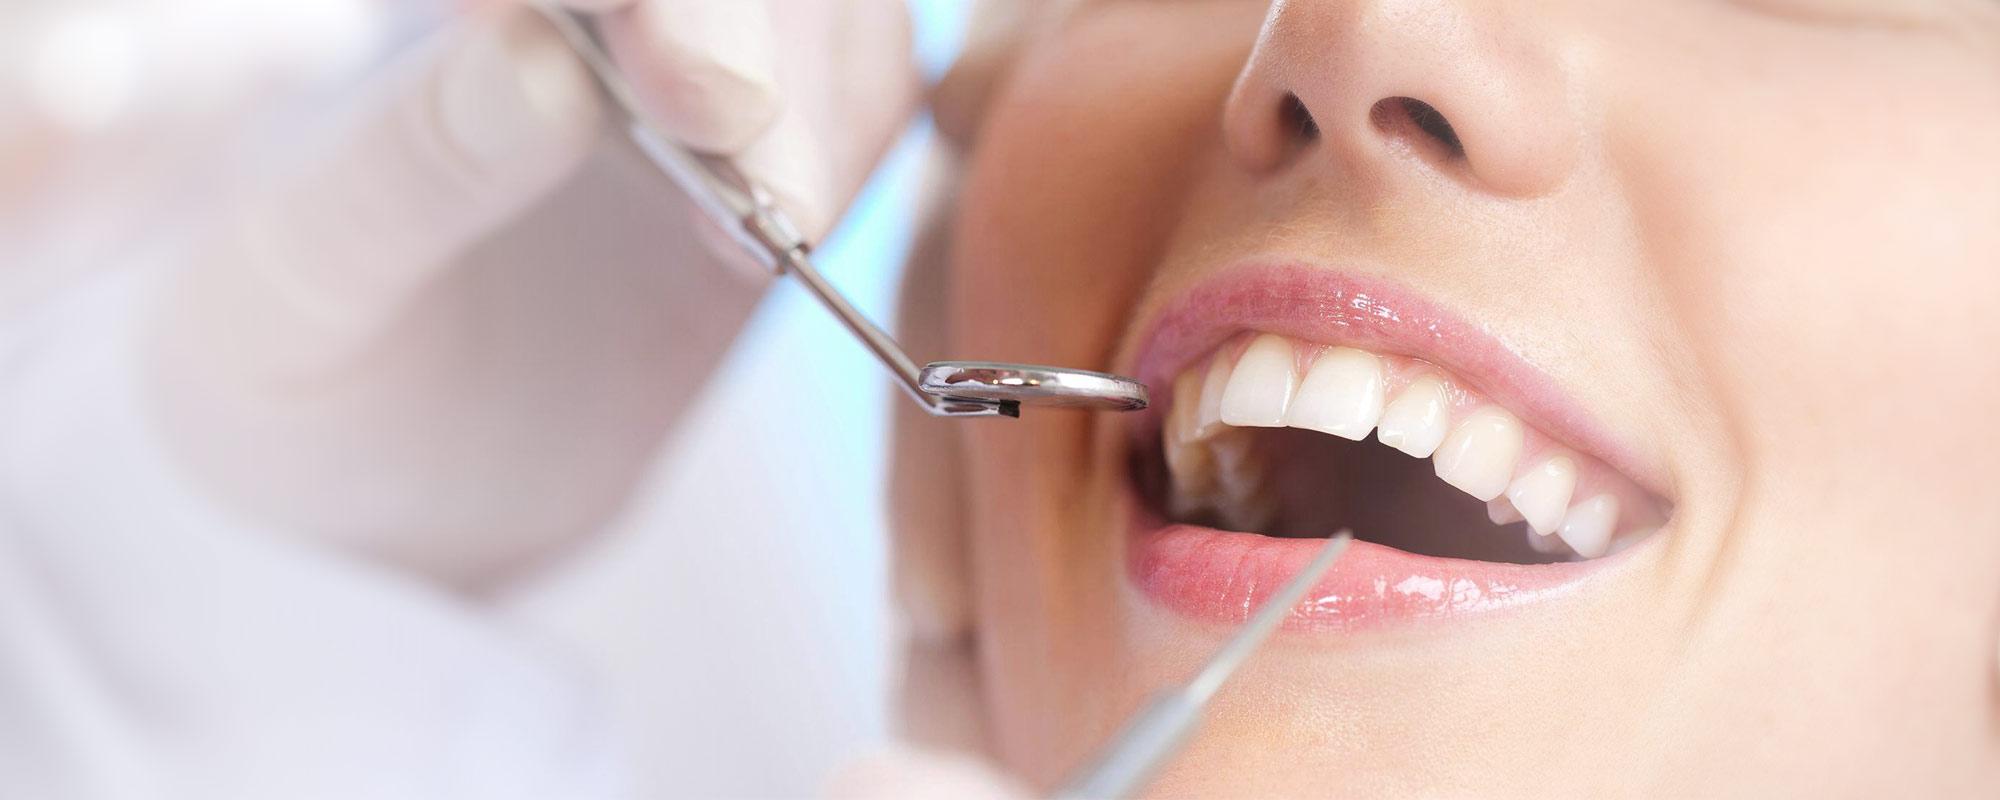 Zahnklinik für Orthodontie, Zahnprothetik, Mundchirurgie und zahntechnisches Laboratorium <span>dr. Percač</span>